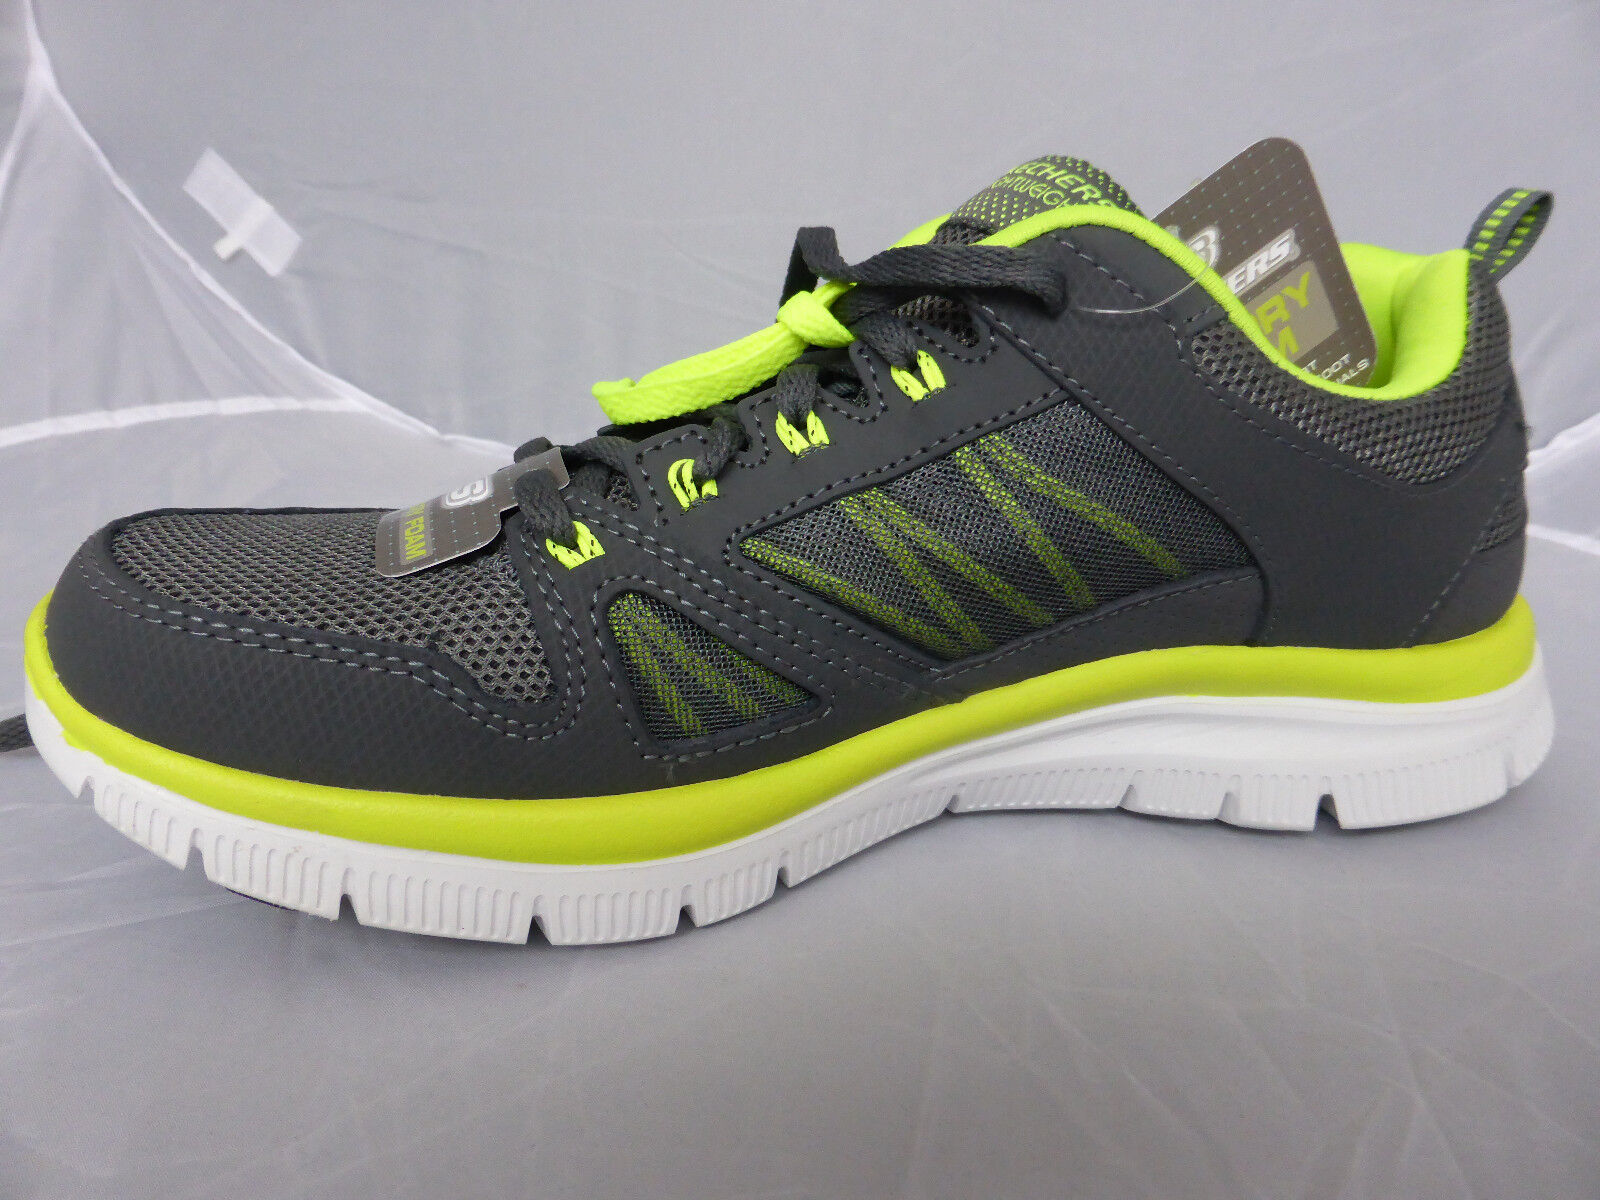 migliore marca Reebok Turn Scarpa Mezza scarpa tg 43 NERO NERO NERO (715) NUOVO  80% di sconto